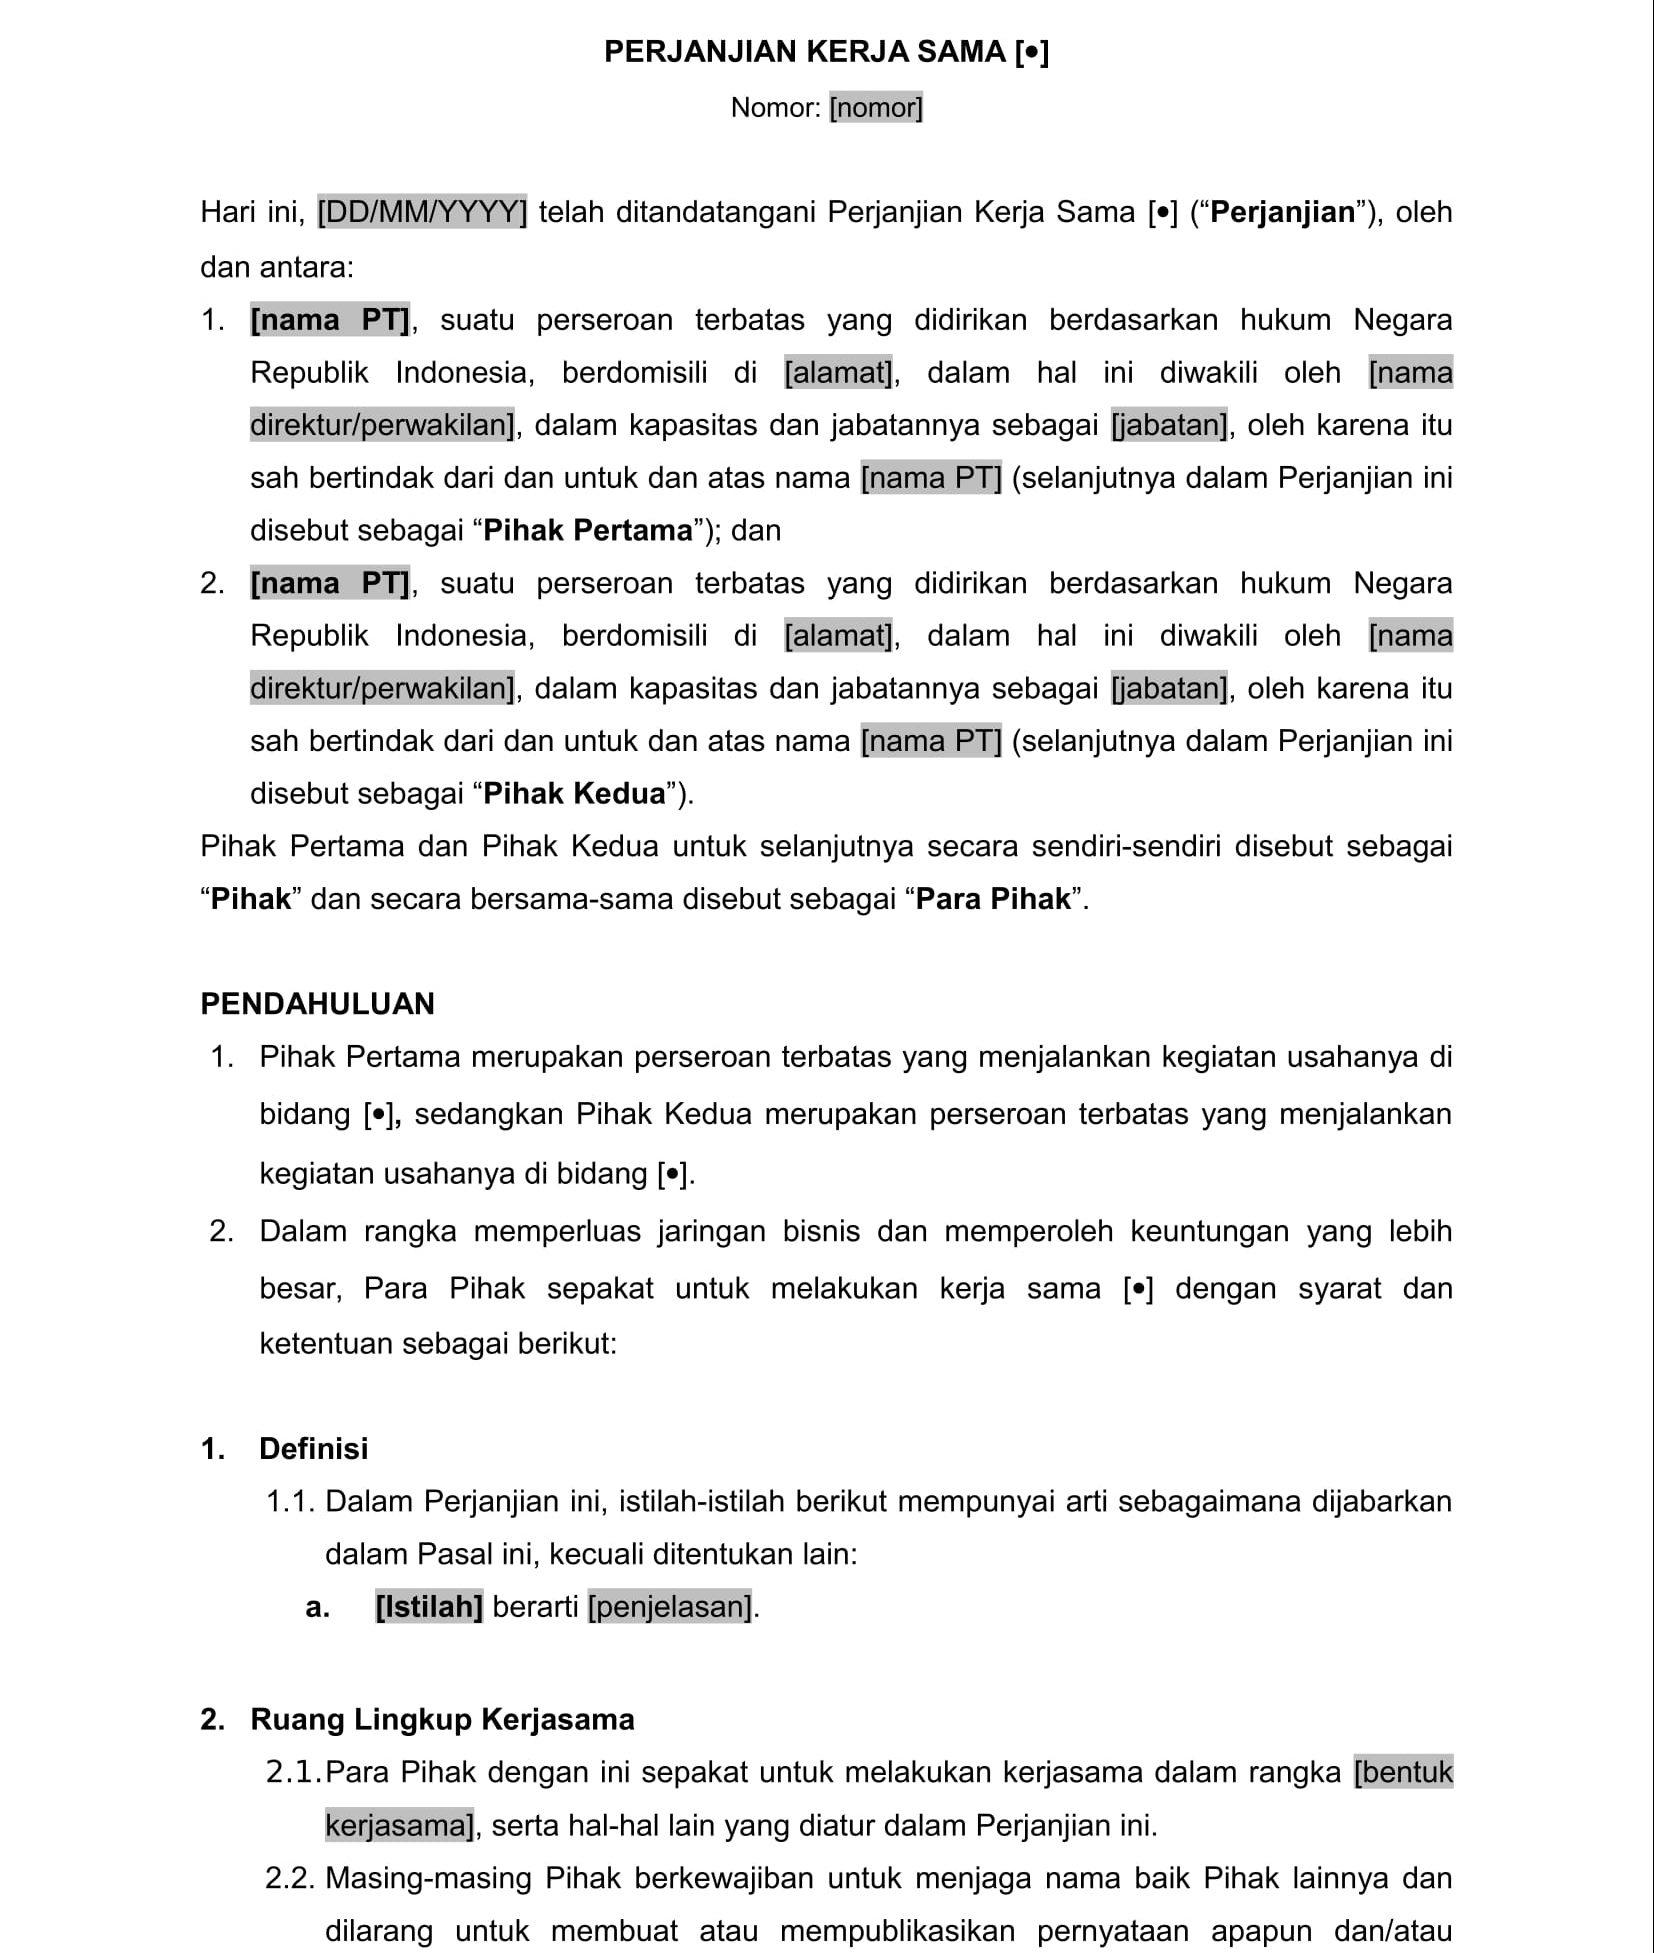 Contoh Cara Pembuatan Kontrak Yang Benar Menurut Hukum